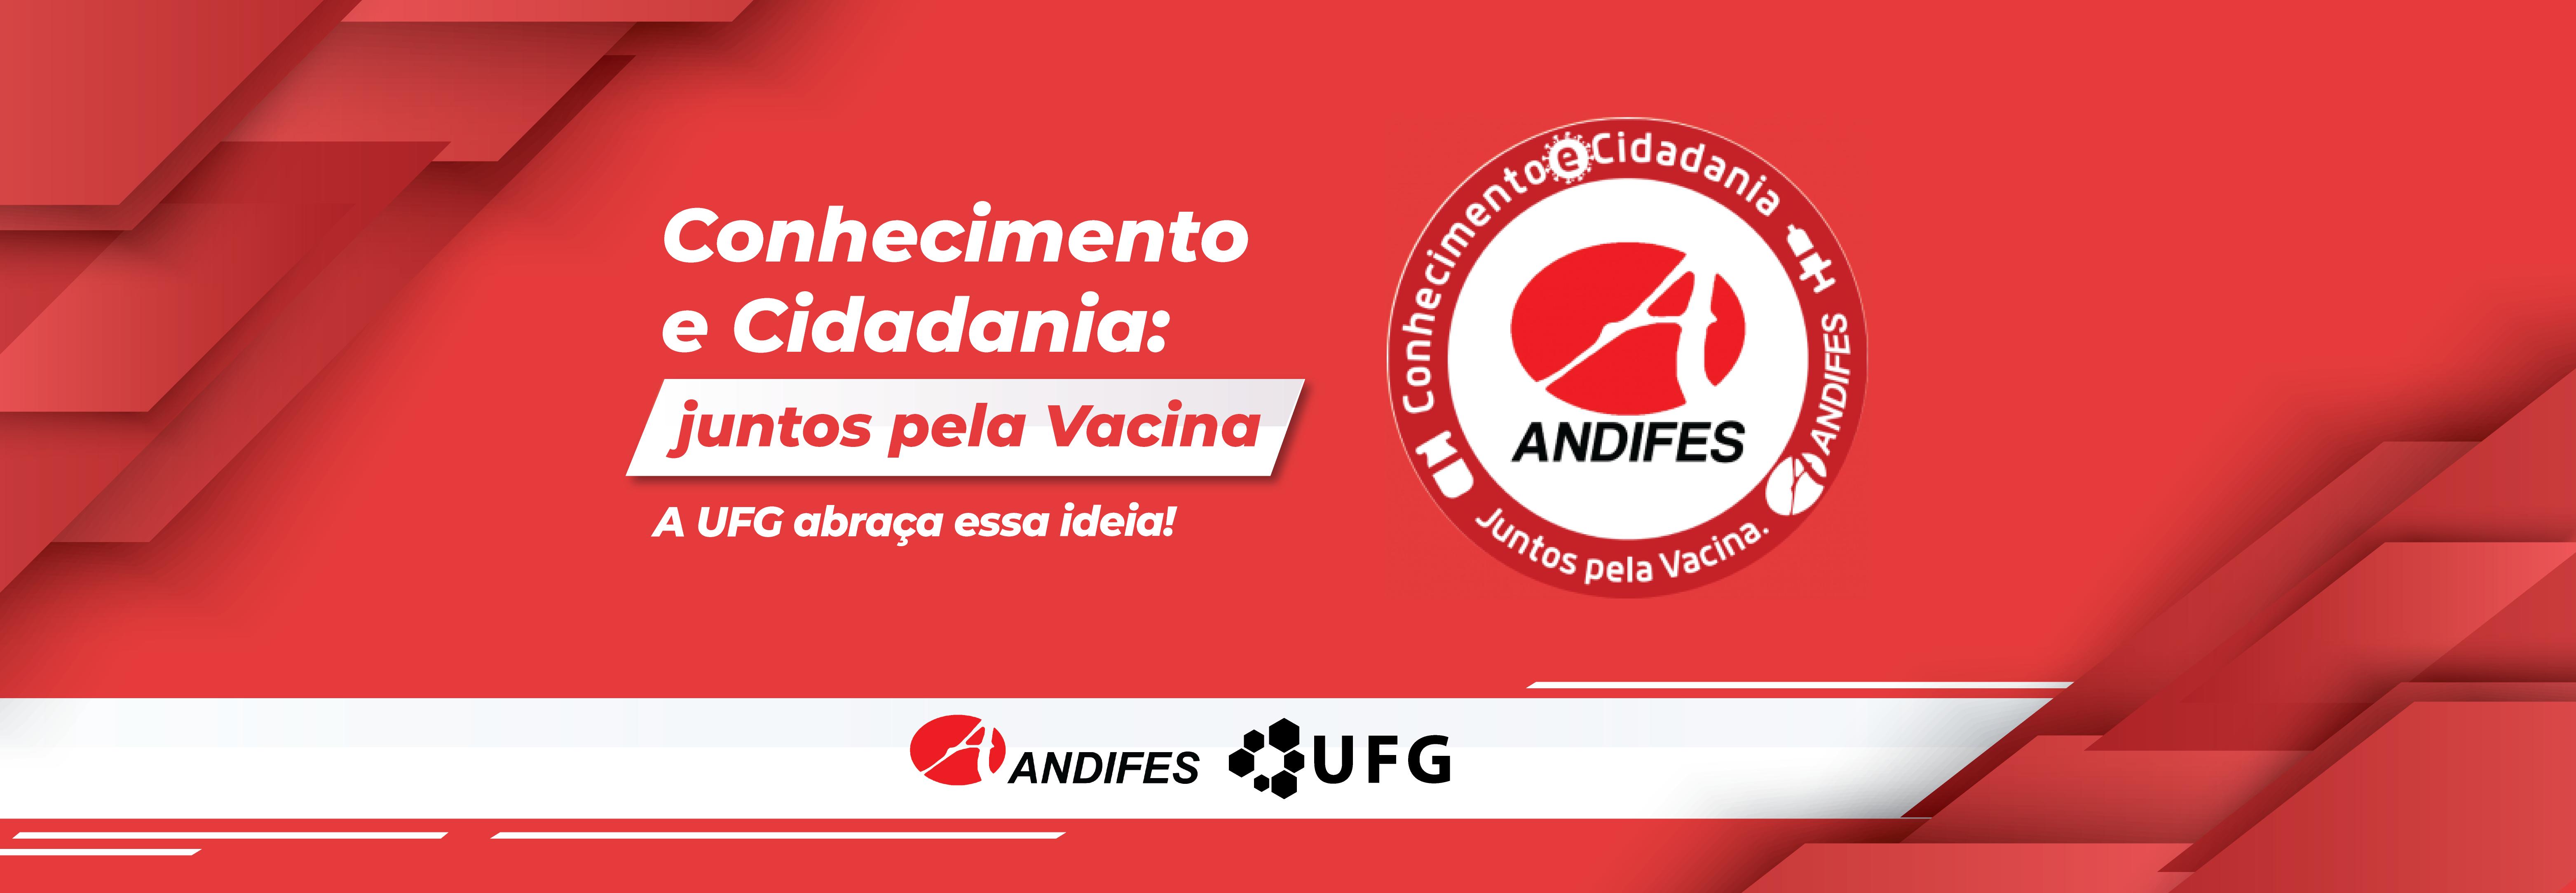 Andifes - Vacinação contra a covid-19 - banner